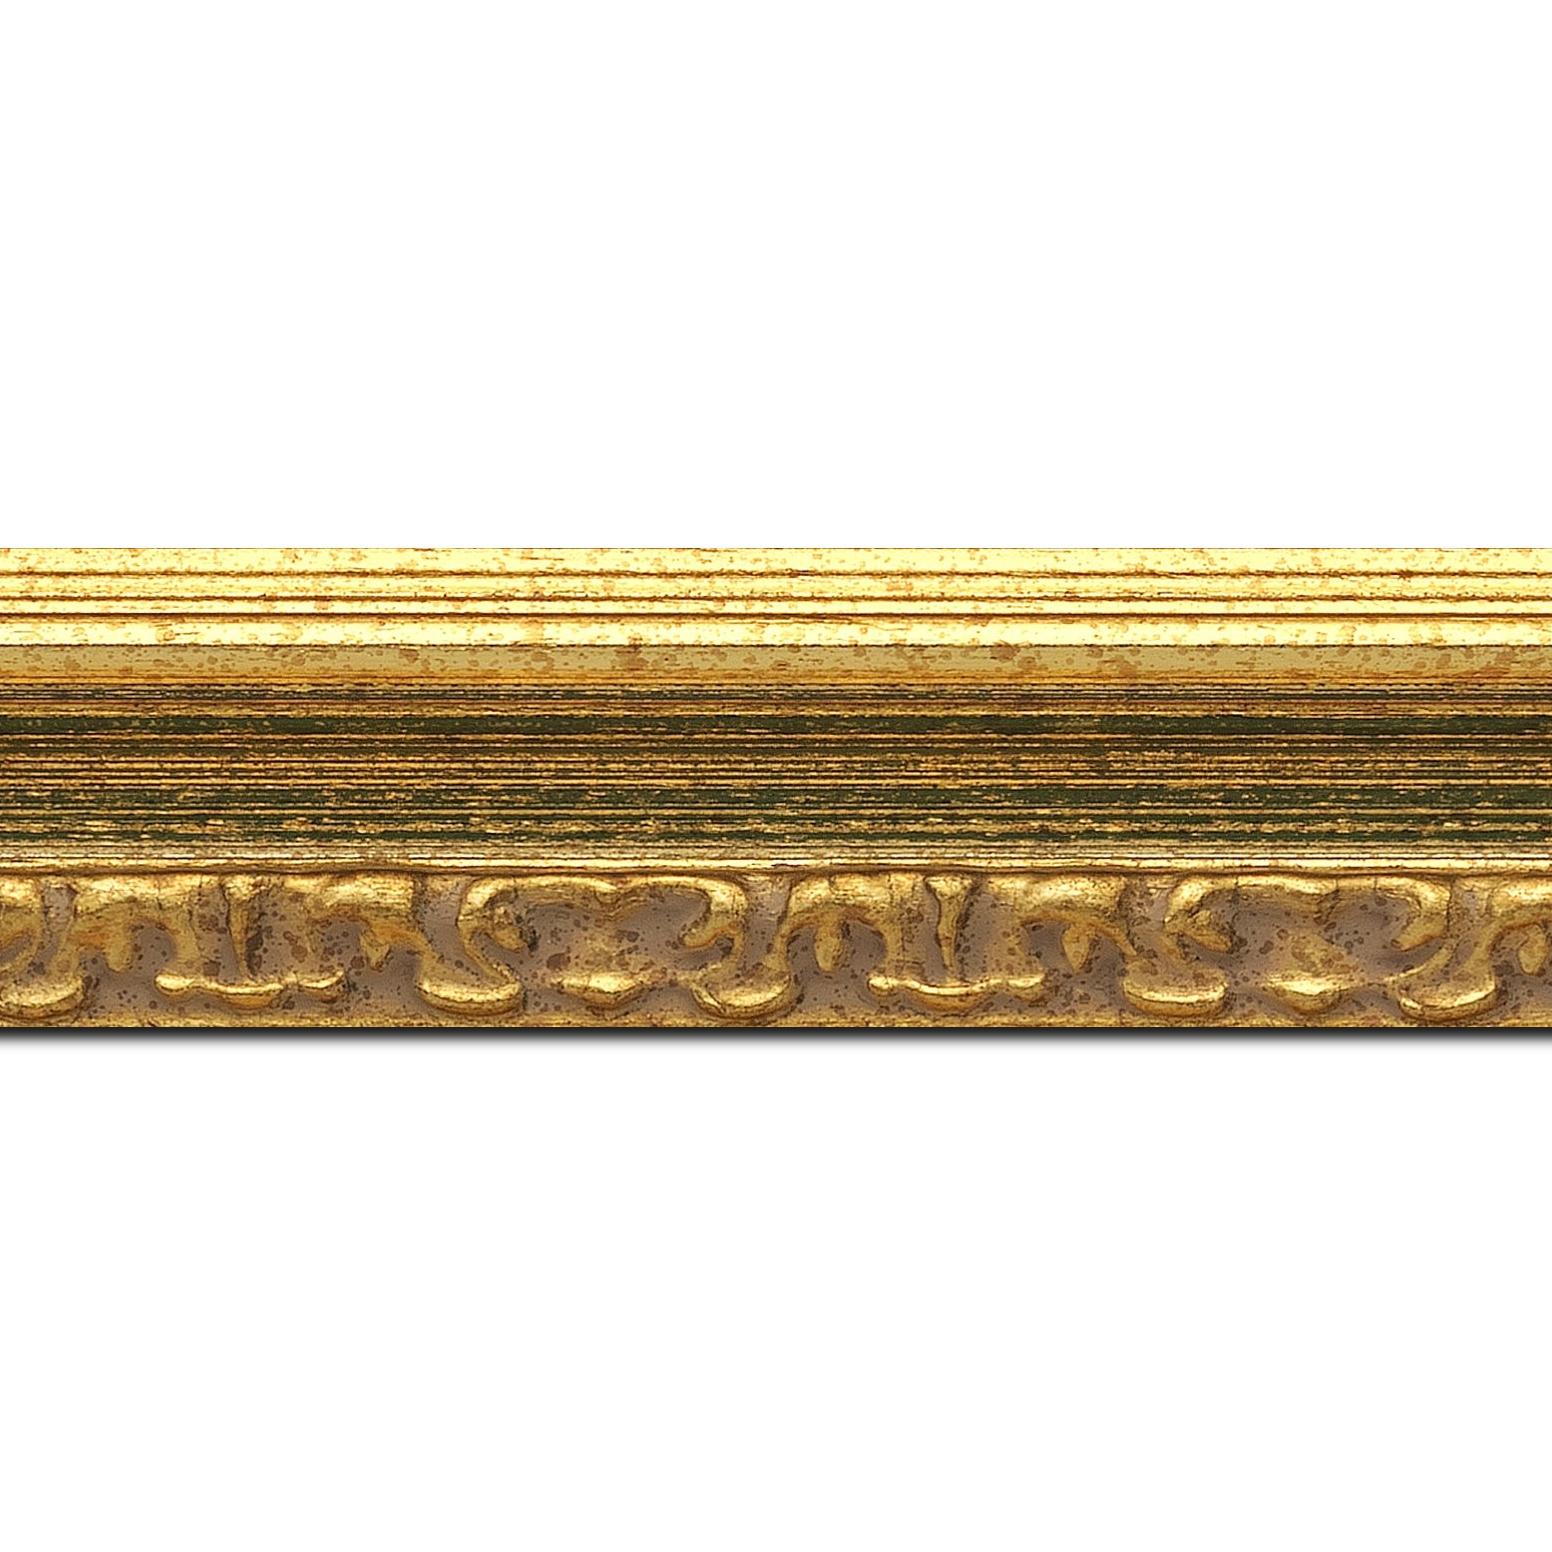 Pack par 12m, bois profil incurvé largeur 5.1cm couleur or patiné à la feuille gorge vert fond or nez ornement (longueur baguette pouvant varier entre 2.40m et 3m selon arrivage des bois)